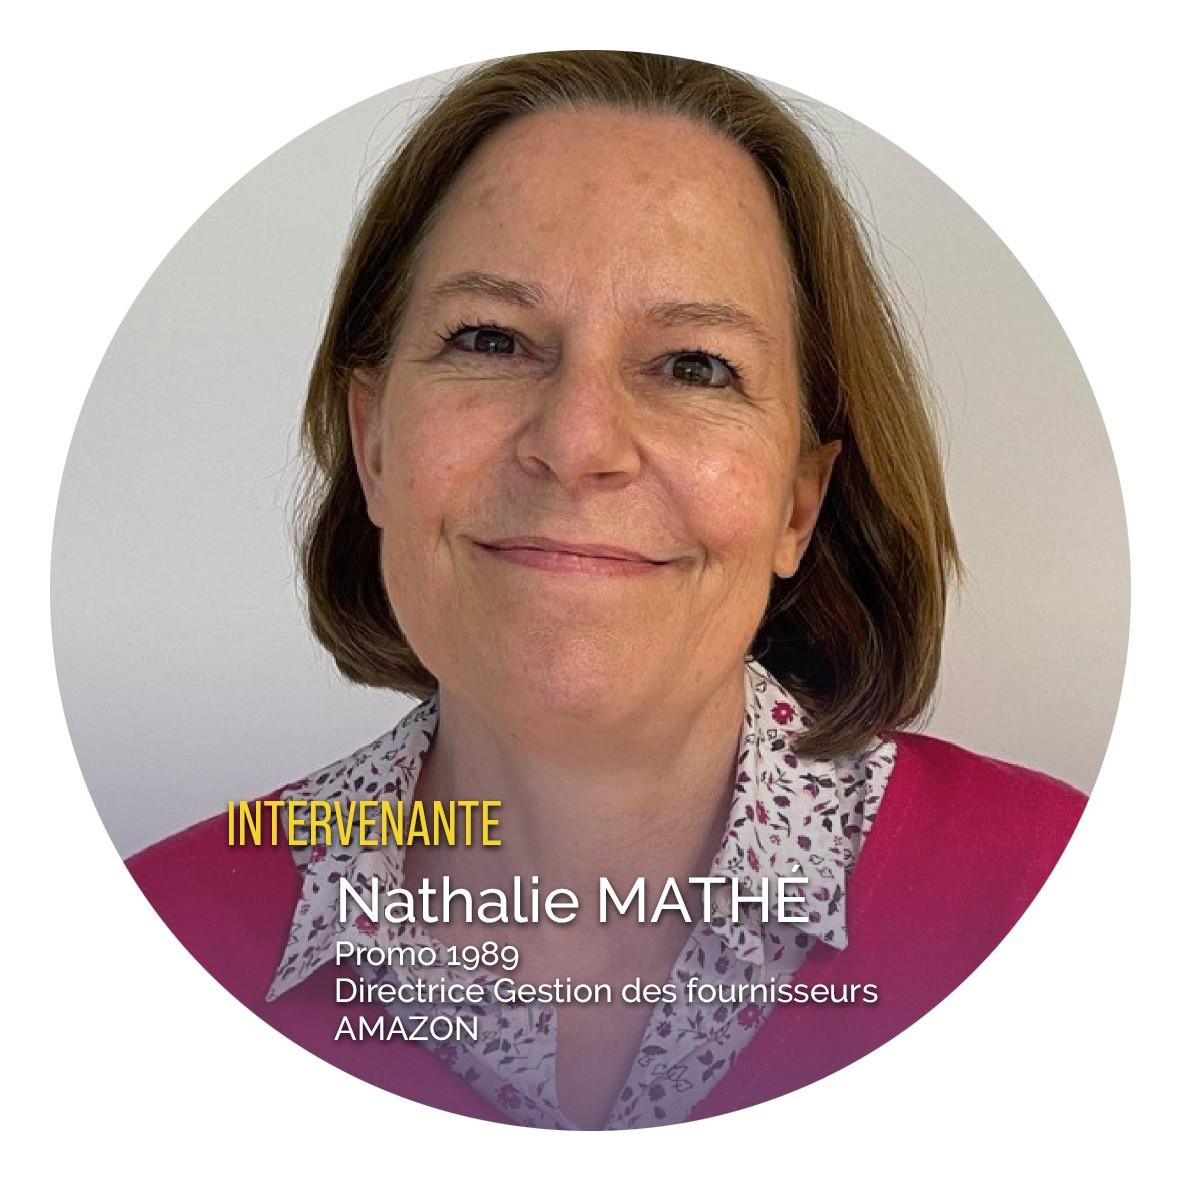 ESCC-Nathalie-Mathe-Intervenante